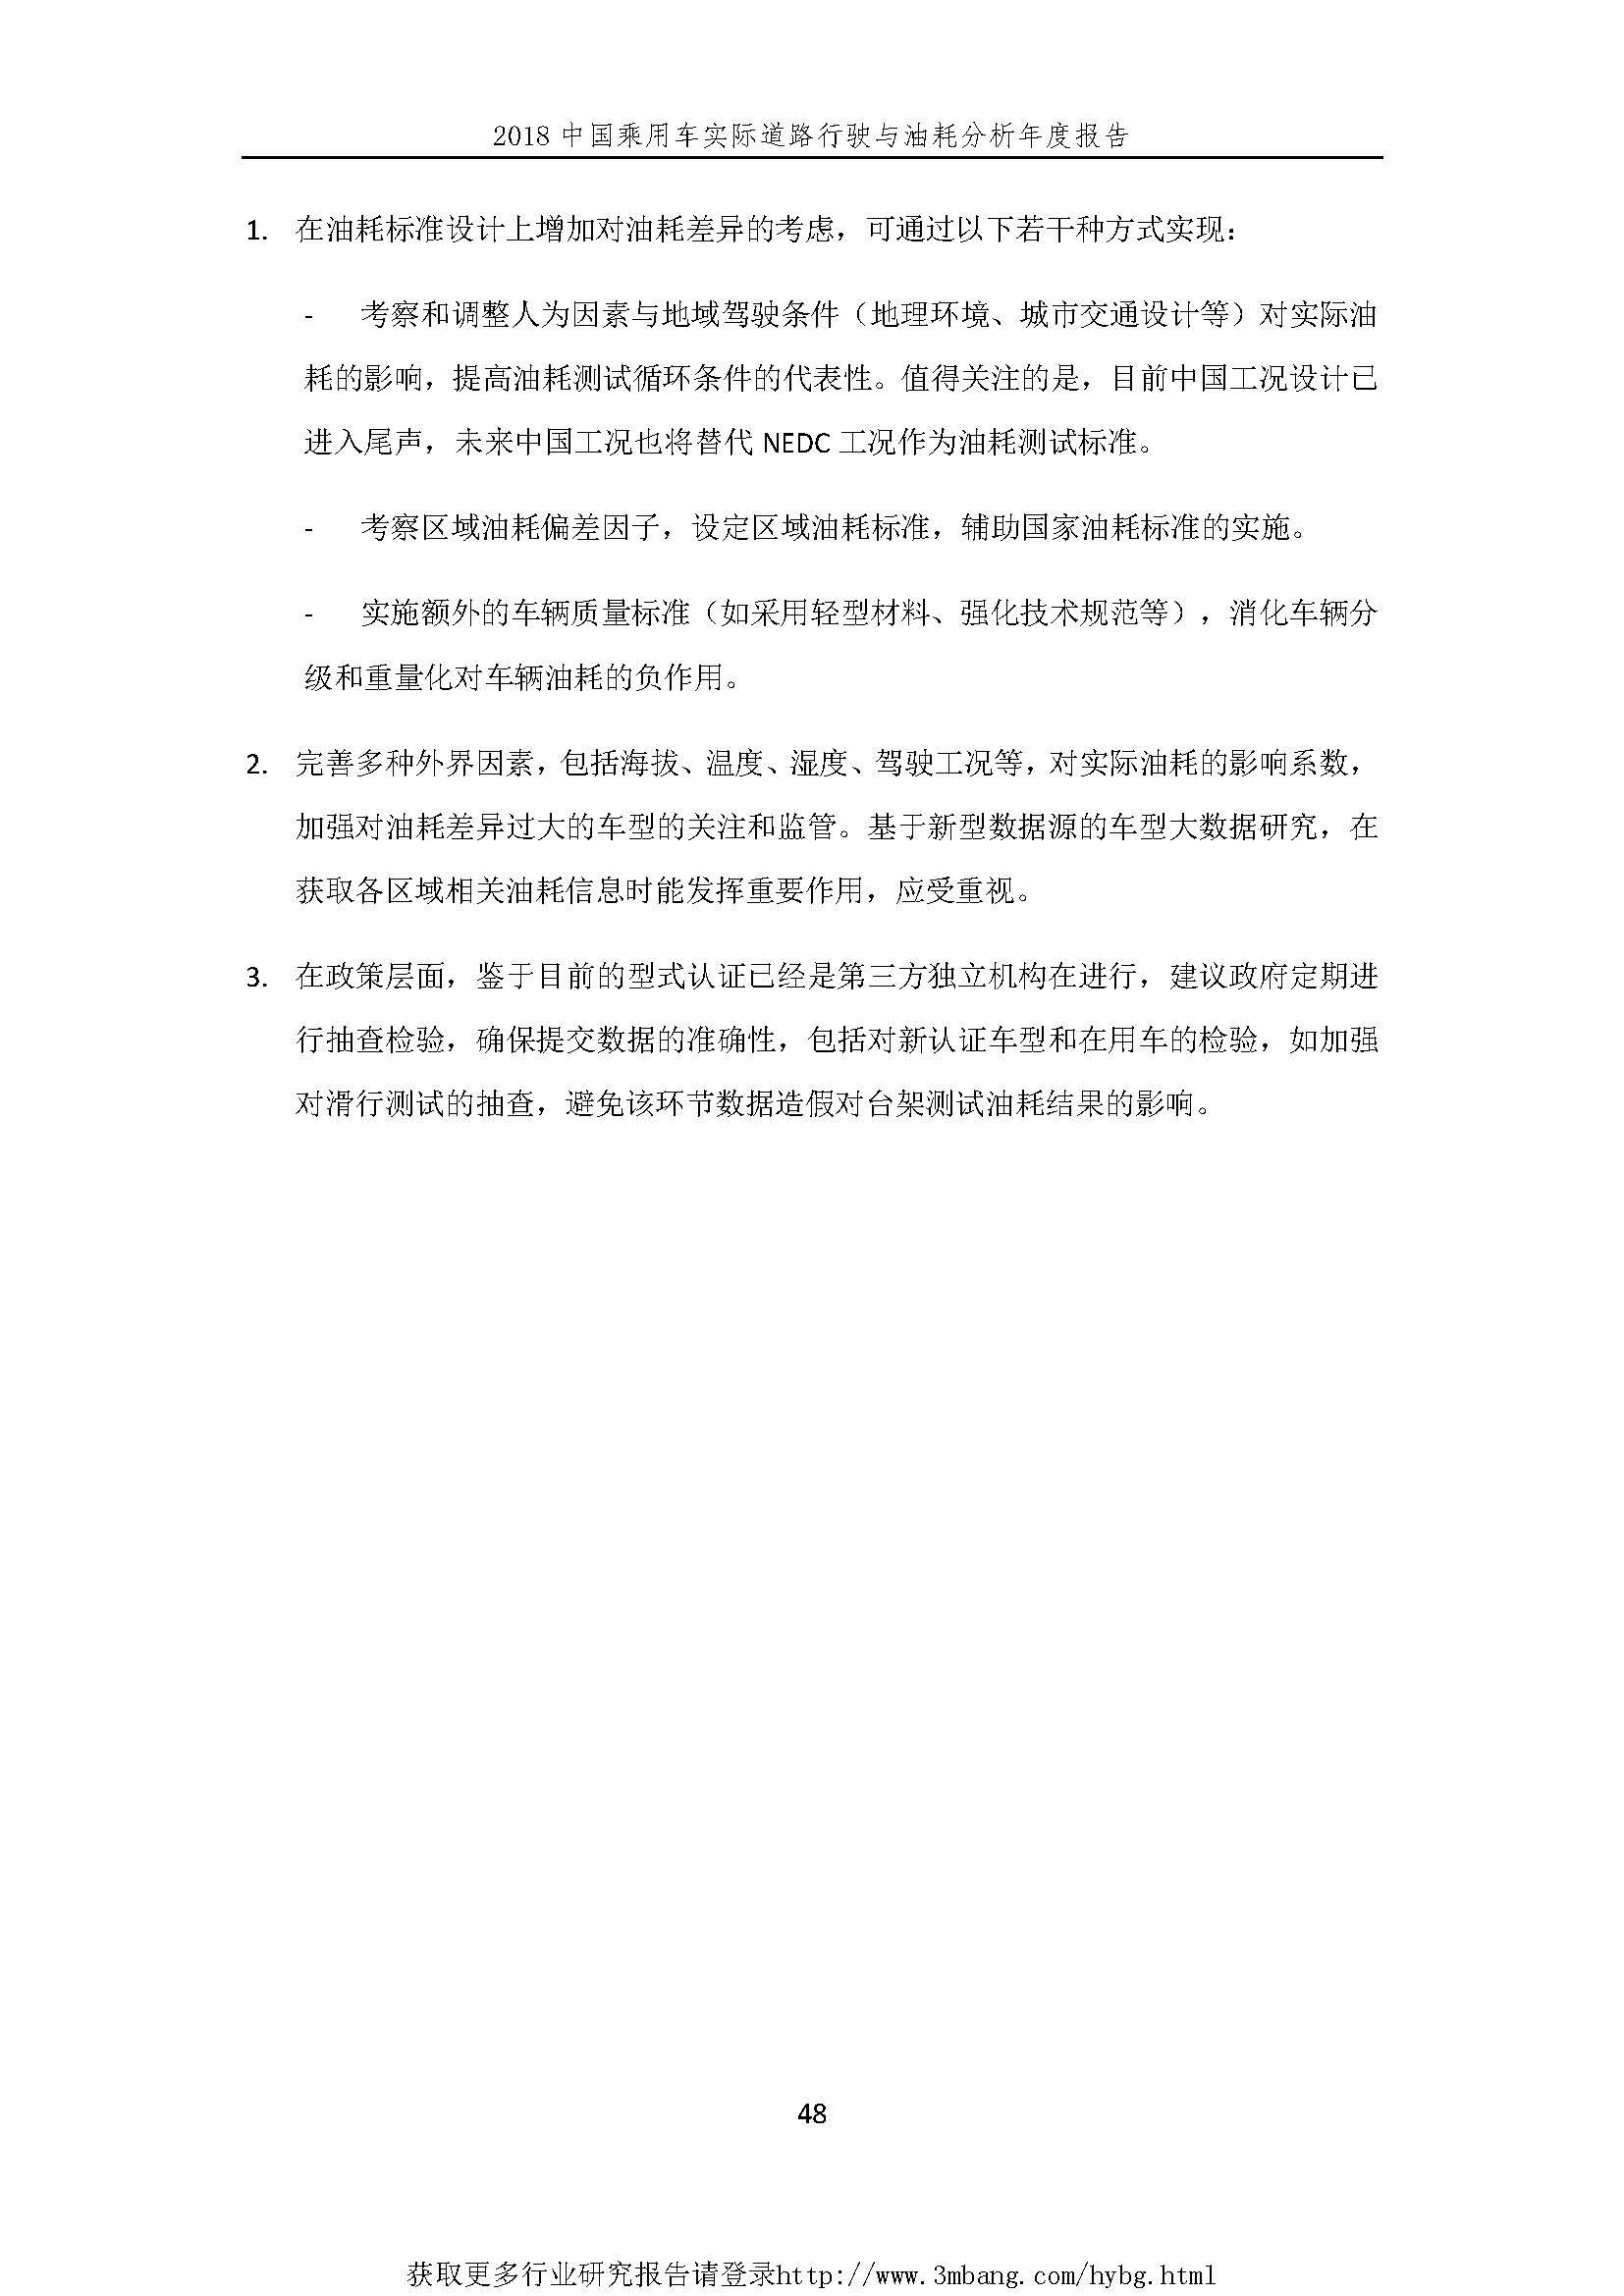 1_页面_56.jpg